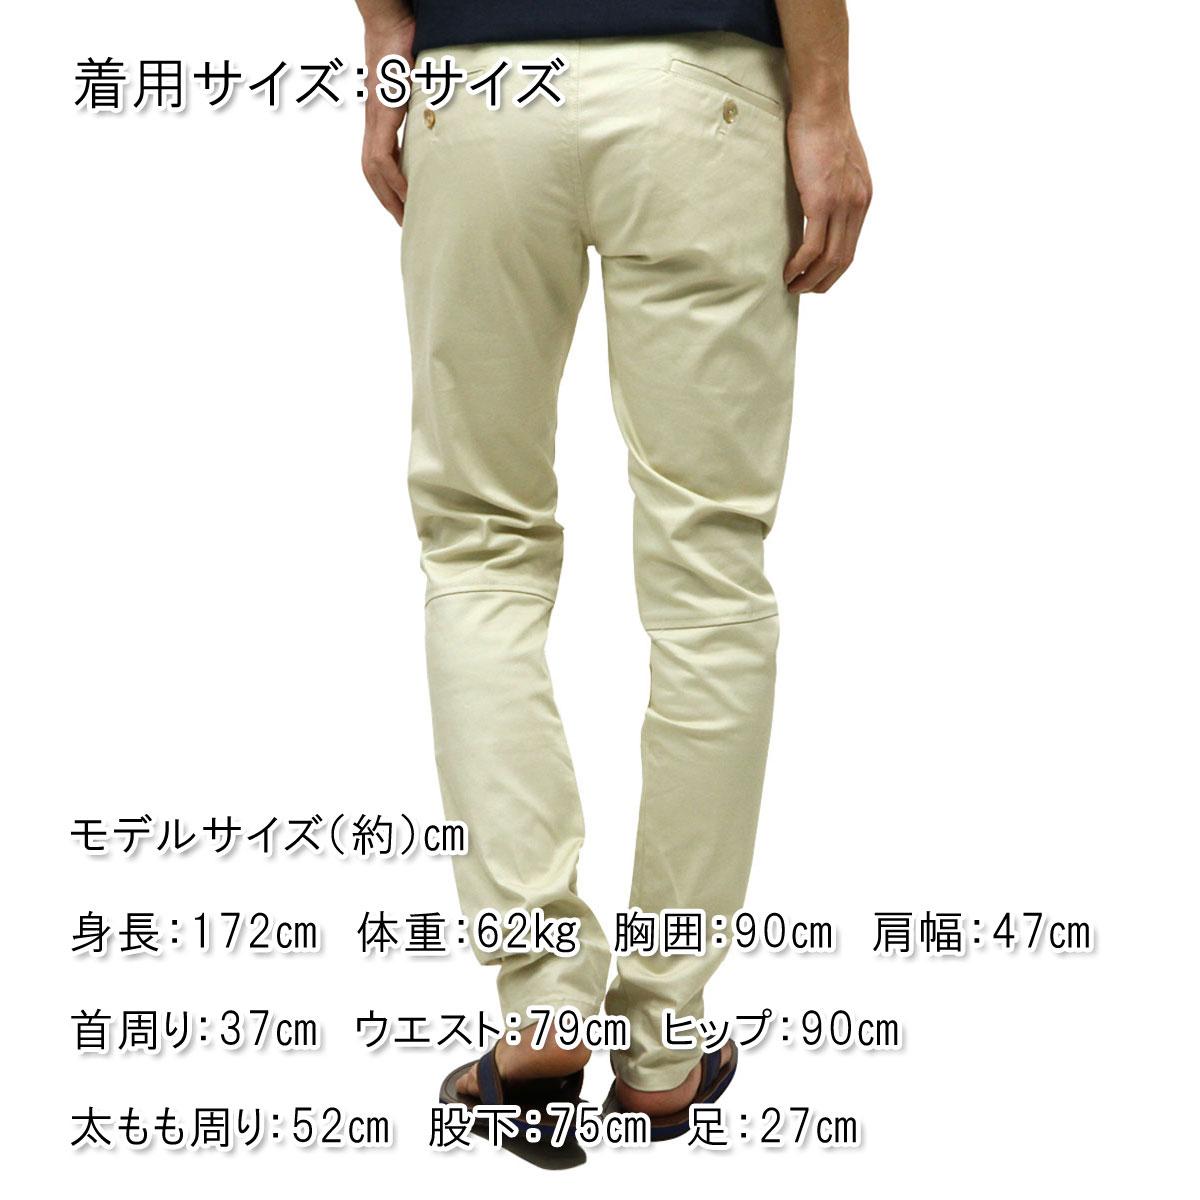 コートメール Cotemer メンズ スリムチノパン stretch slim fit chino PT-S13-002 BEIGE A59B B1C C2D D1E E18F